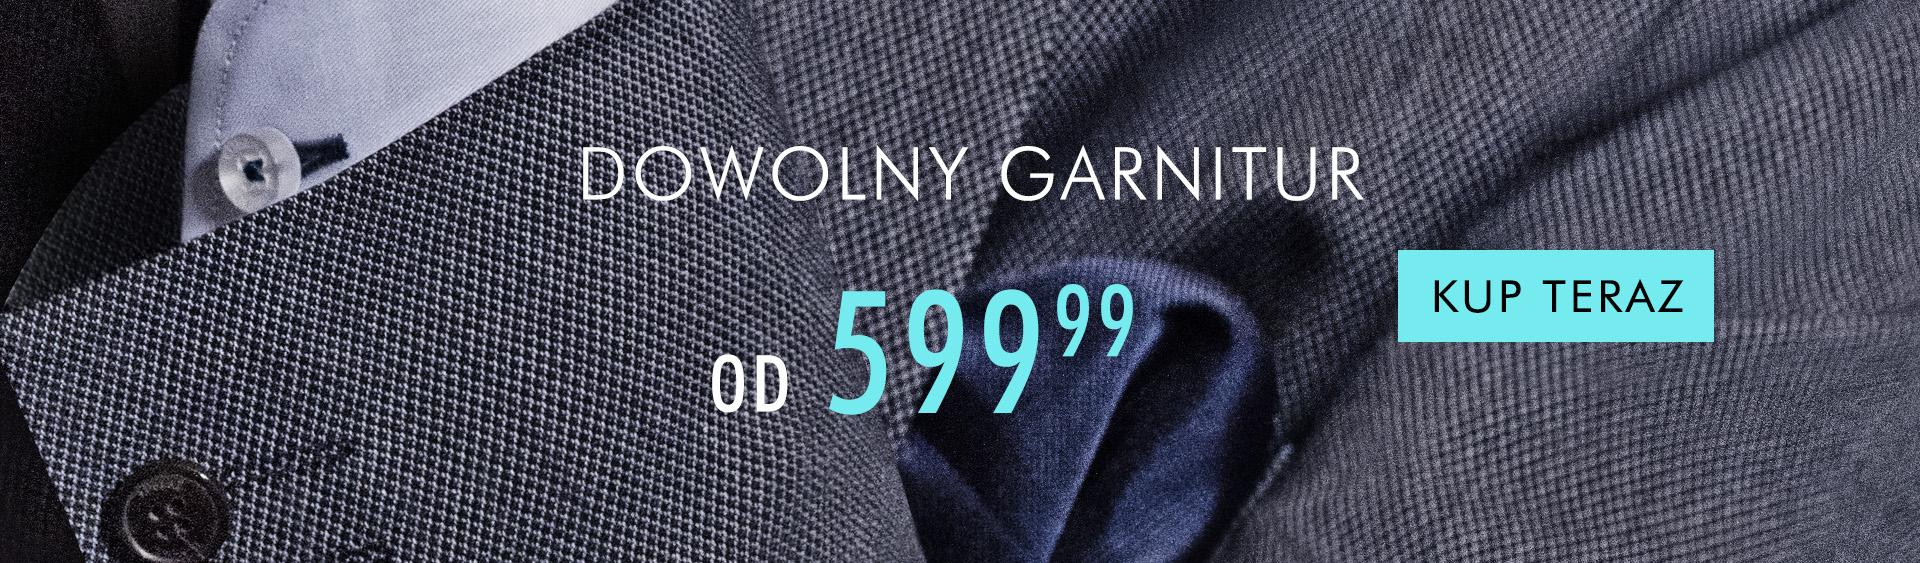 Kubenz: garnitury męskie od 599,99 zł